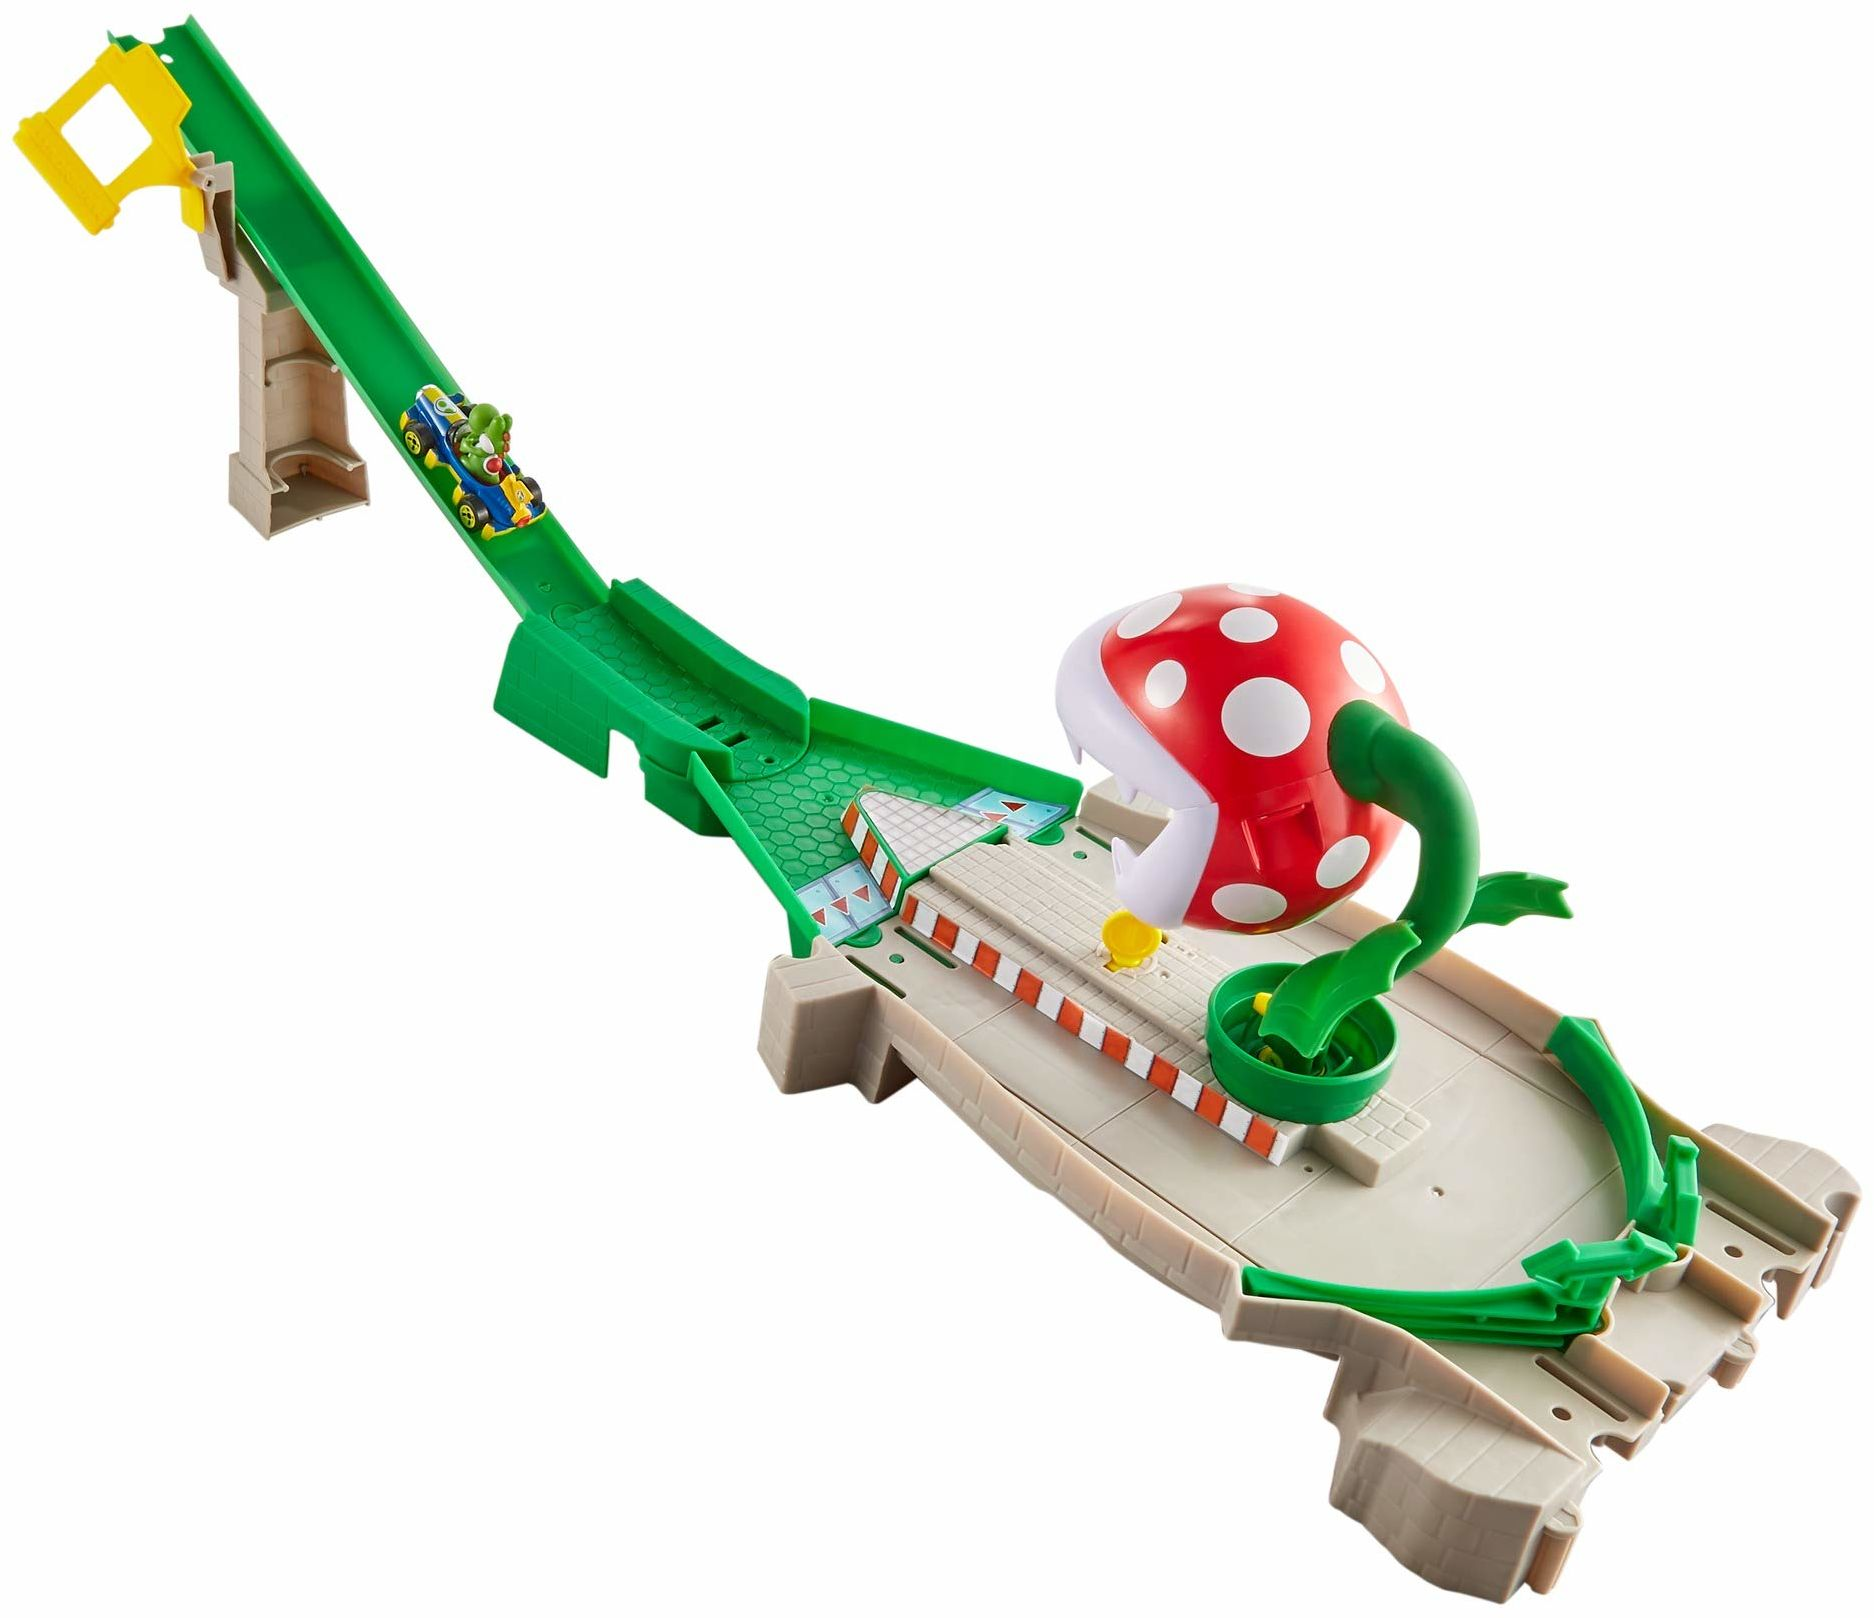 Hot Wheels GFY47  Mario Kart rośliny piratanu, zestaw ze zjeżdżalnią z 1 zabawkowym samochodem, zabawka od 5 lat, wielokolorowa